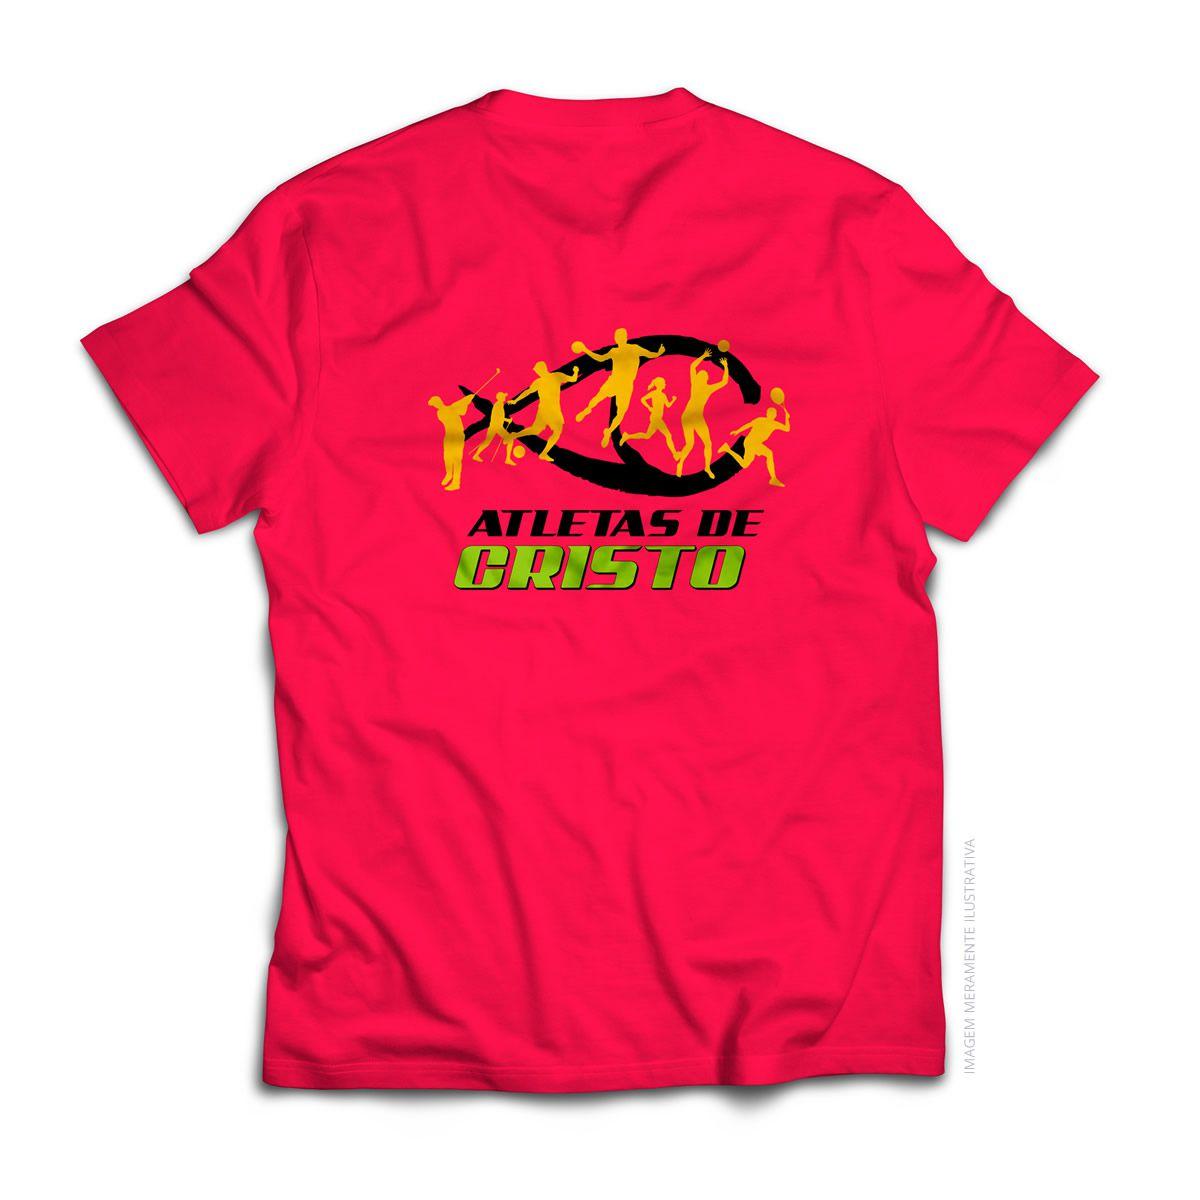 Camiseta Kappa - Atletas de Cristo - Vermelha